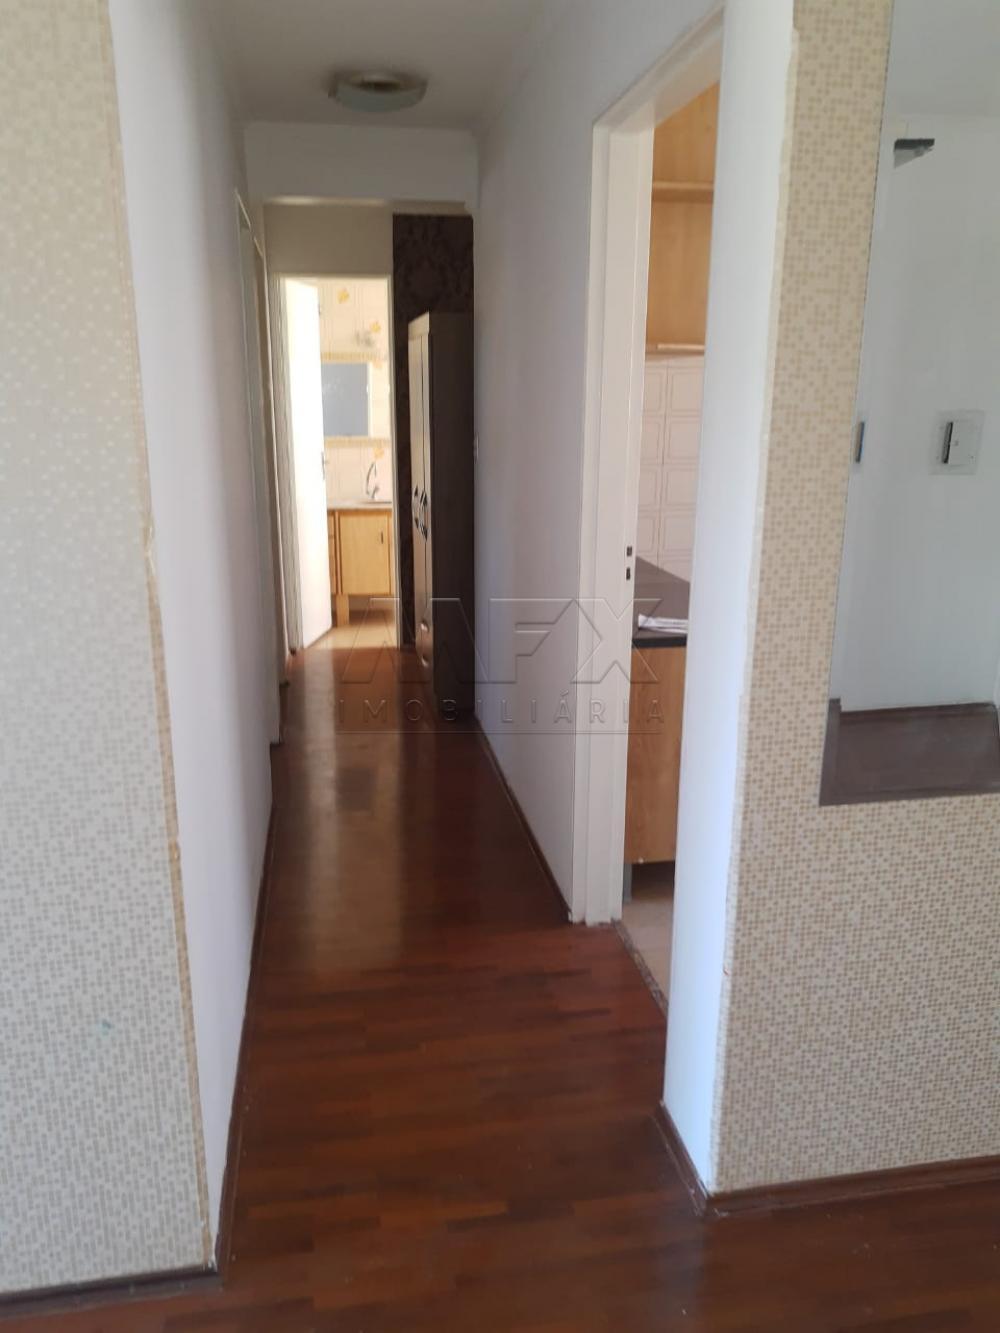 Comprar Apartamento / Padrão em Bauru R$ 154.000,00 - Foto 11